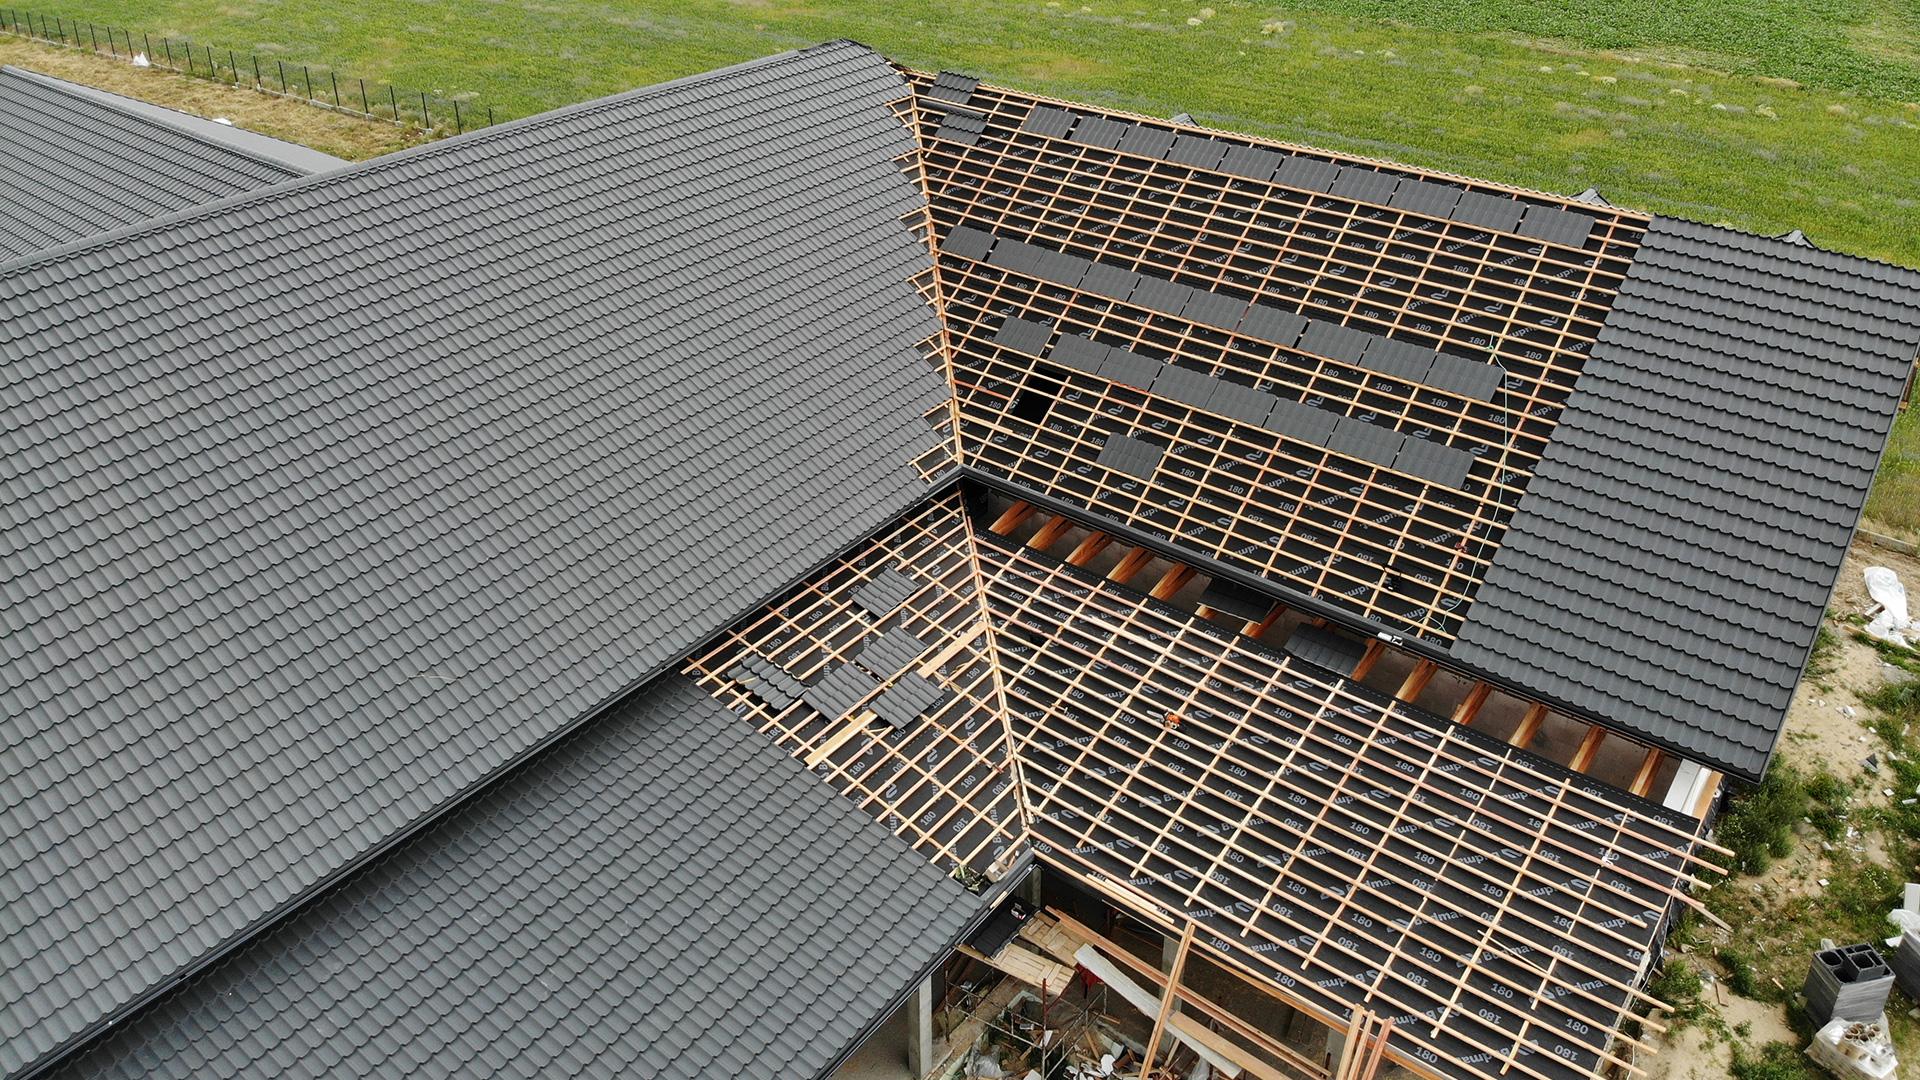 Dlaczego dachy modułowe?